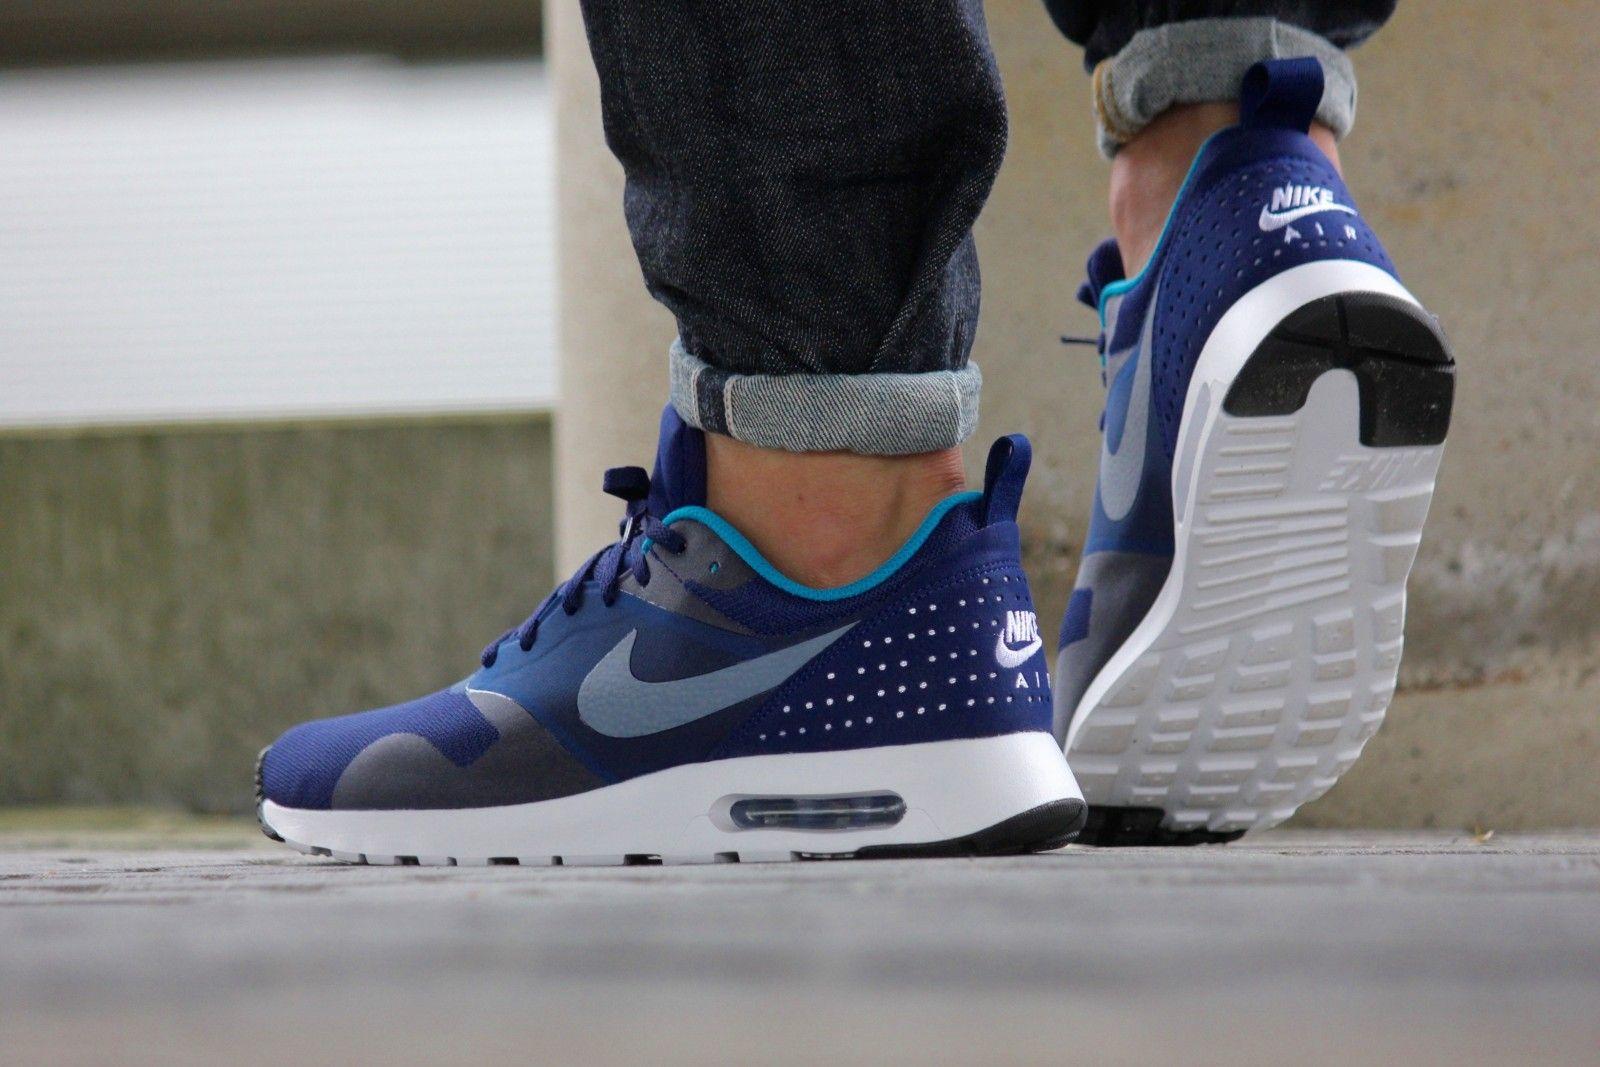 new concept 07c60 15d9e Hallo, Sehen Sie auf dem Preis!!! Herrenschuhe Nike Air Max Tavas, um das  Aussehen der klassischen Silhouette des legendären Lauf beziehen.